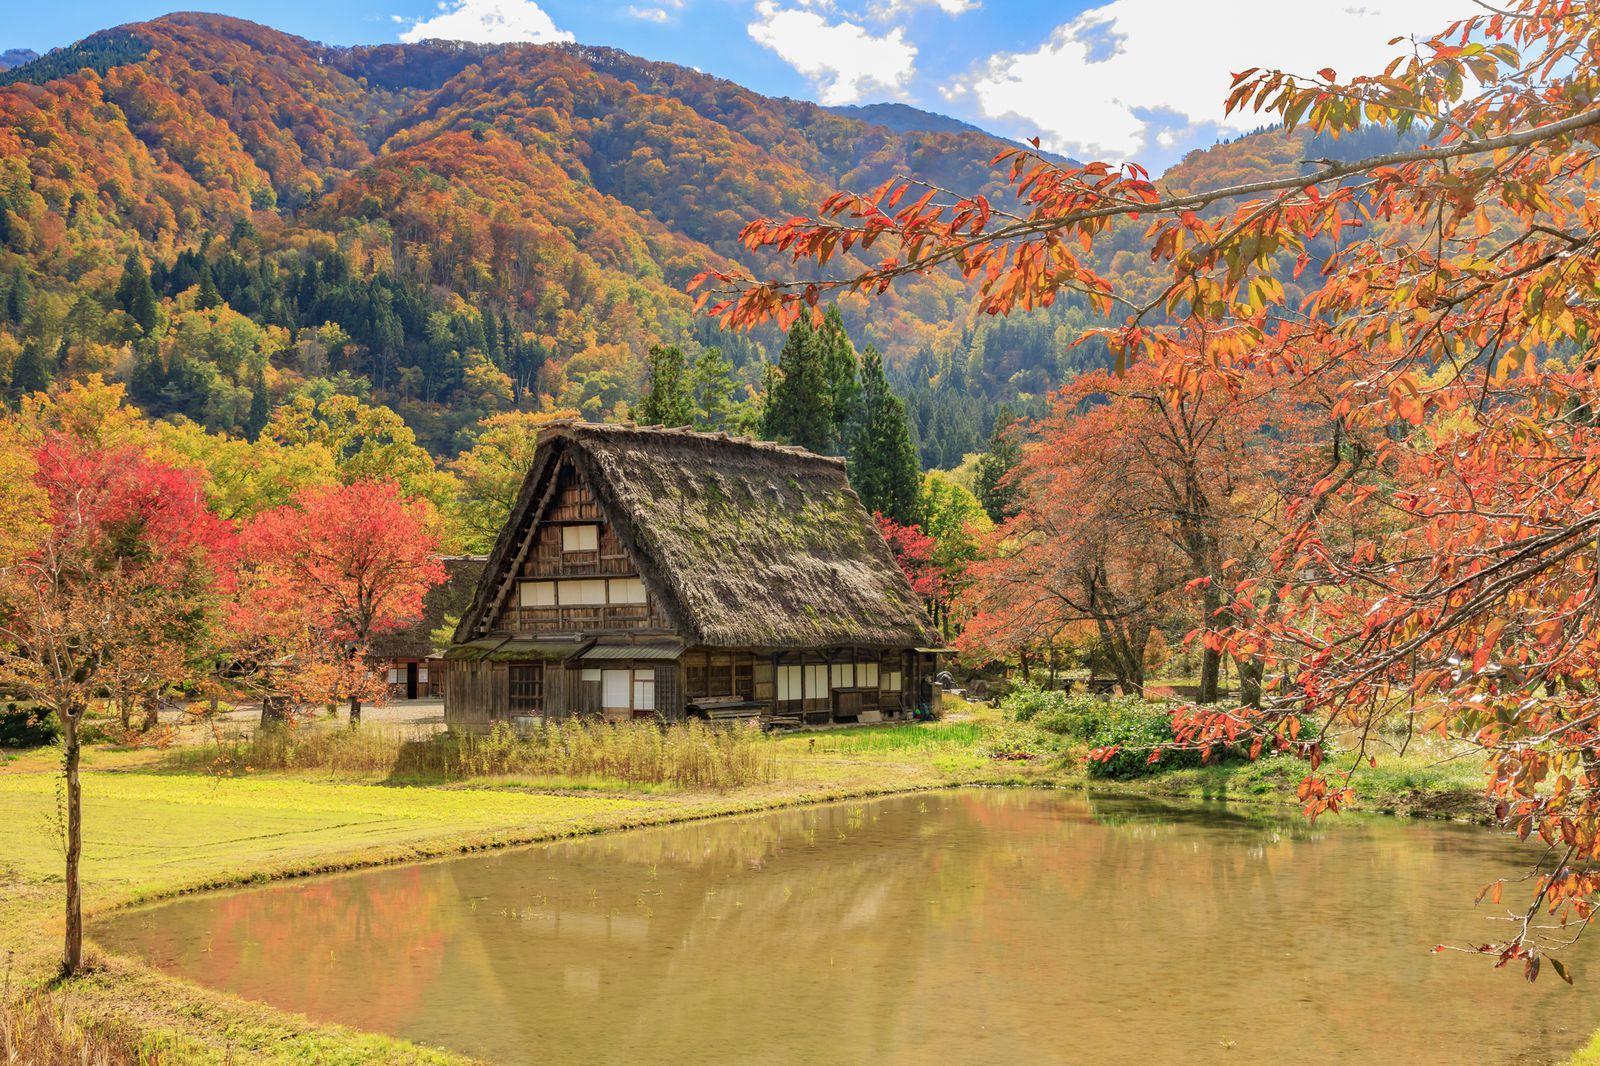 風情ある日本の秋。合掌造りで有名な「白川郷」が紅葉で彩られる                当サイト内のおでかけ情報に関してこのまとめ記事の目次